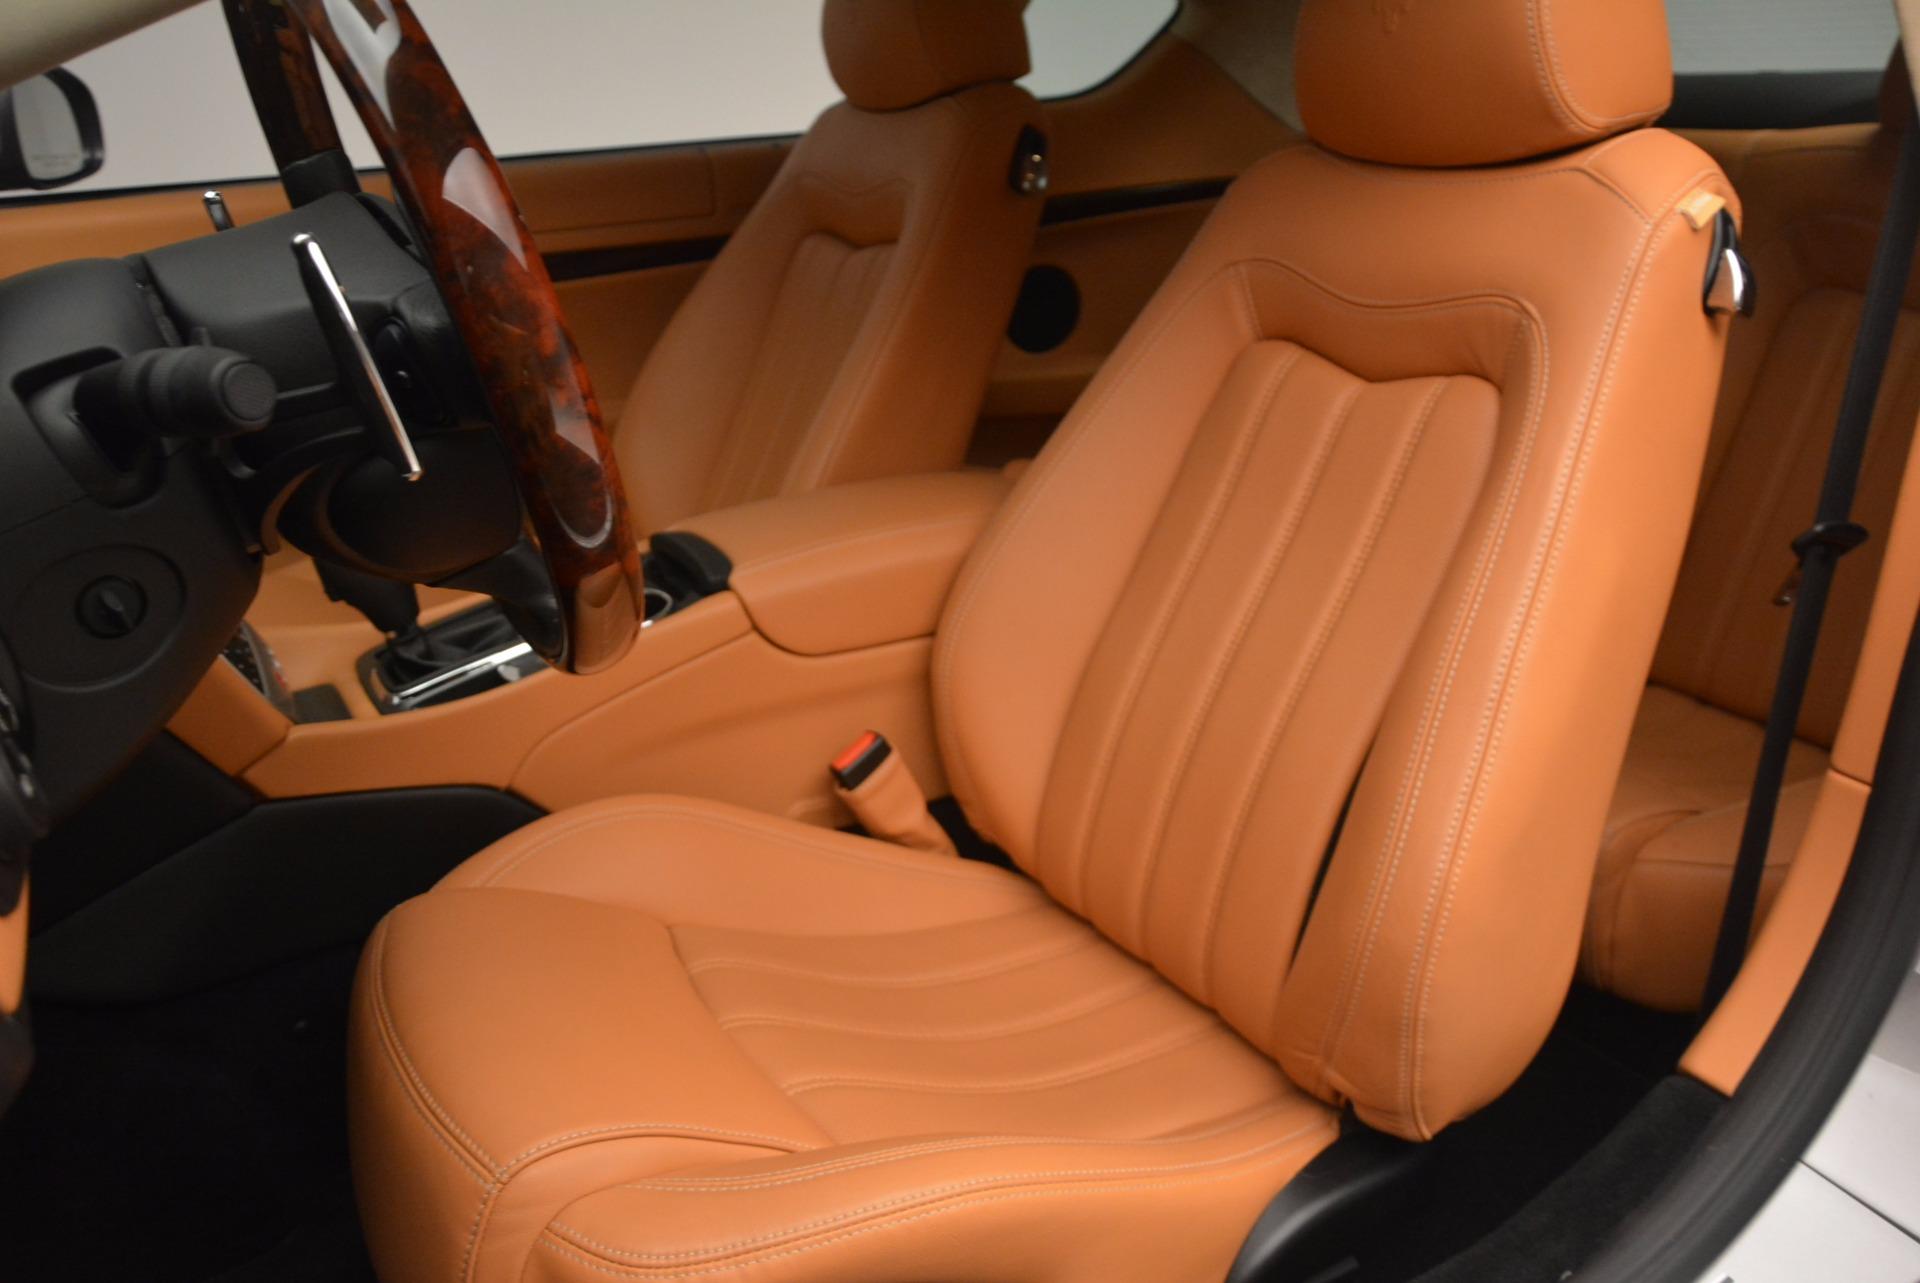 Used 2009 Maserati GranTurismo S For Sale In Greenwich, CT 1063_p15